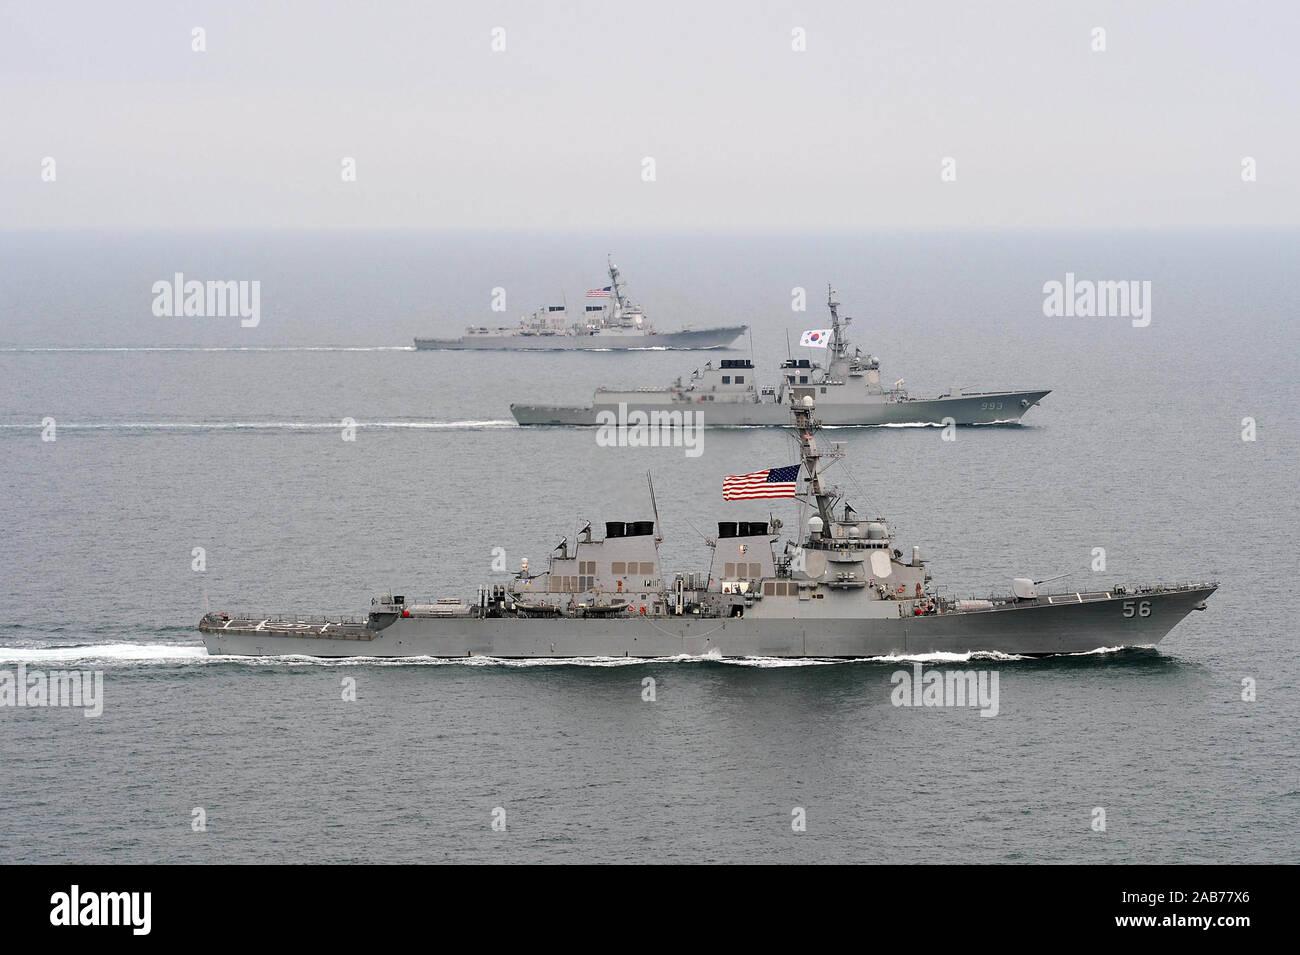 (17 de marzo de 2013) La clase Arleigh Burke de misiles guiados destructor USS John S. McCain (DDG 56), delantero, la Armada de la República de Corea destructor de clase Aegis ROKS Seoae-Yu-Seong-Ryong (DDG 993), media y de la clase Arleigh Burke de misiles guiados destructor USS McCampbell (DDG 85) se mueven hacia la formación durante el ejercicio Foal Eagle 2013. Foto de stock